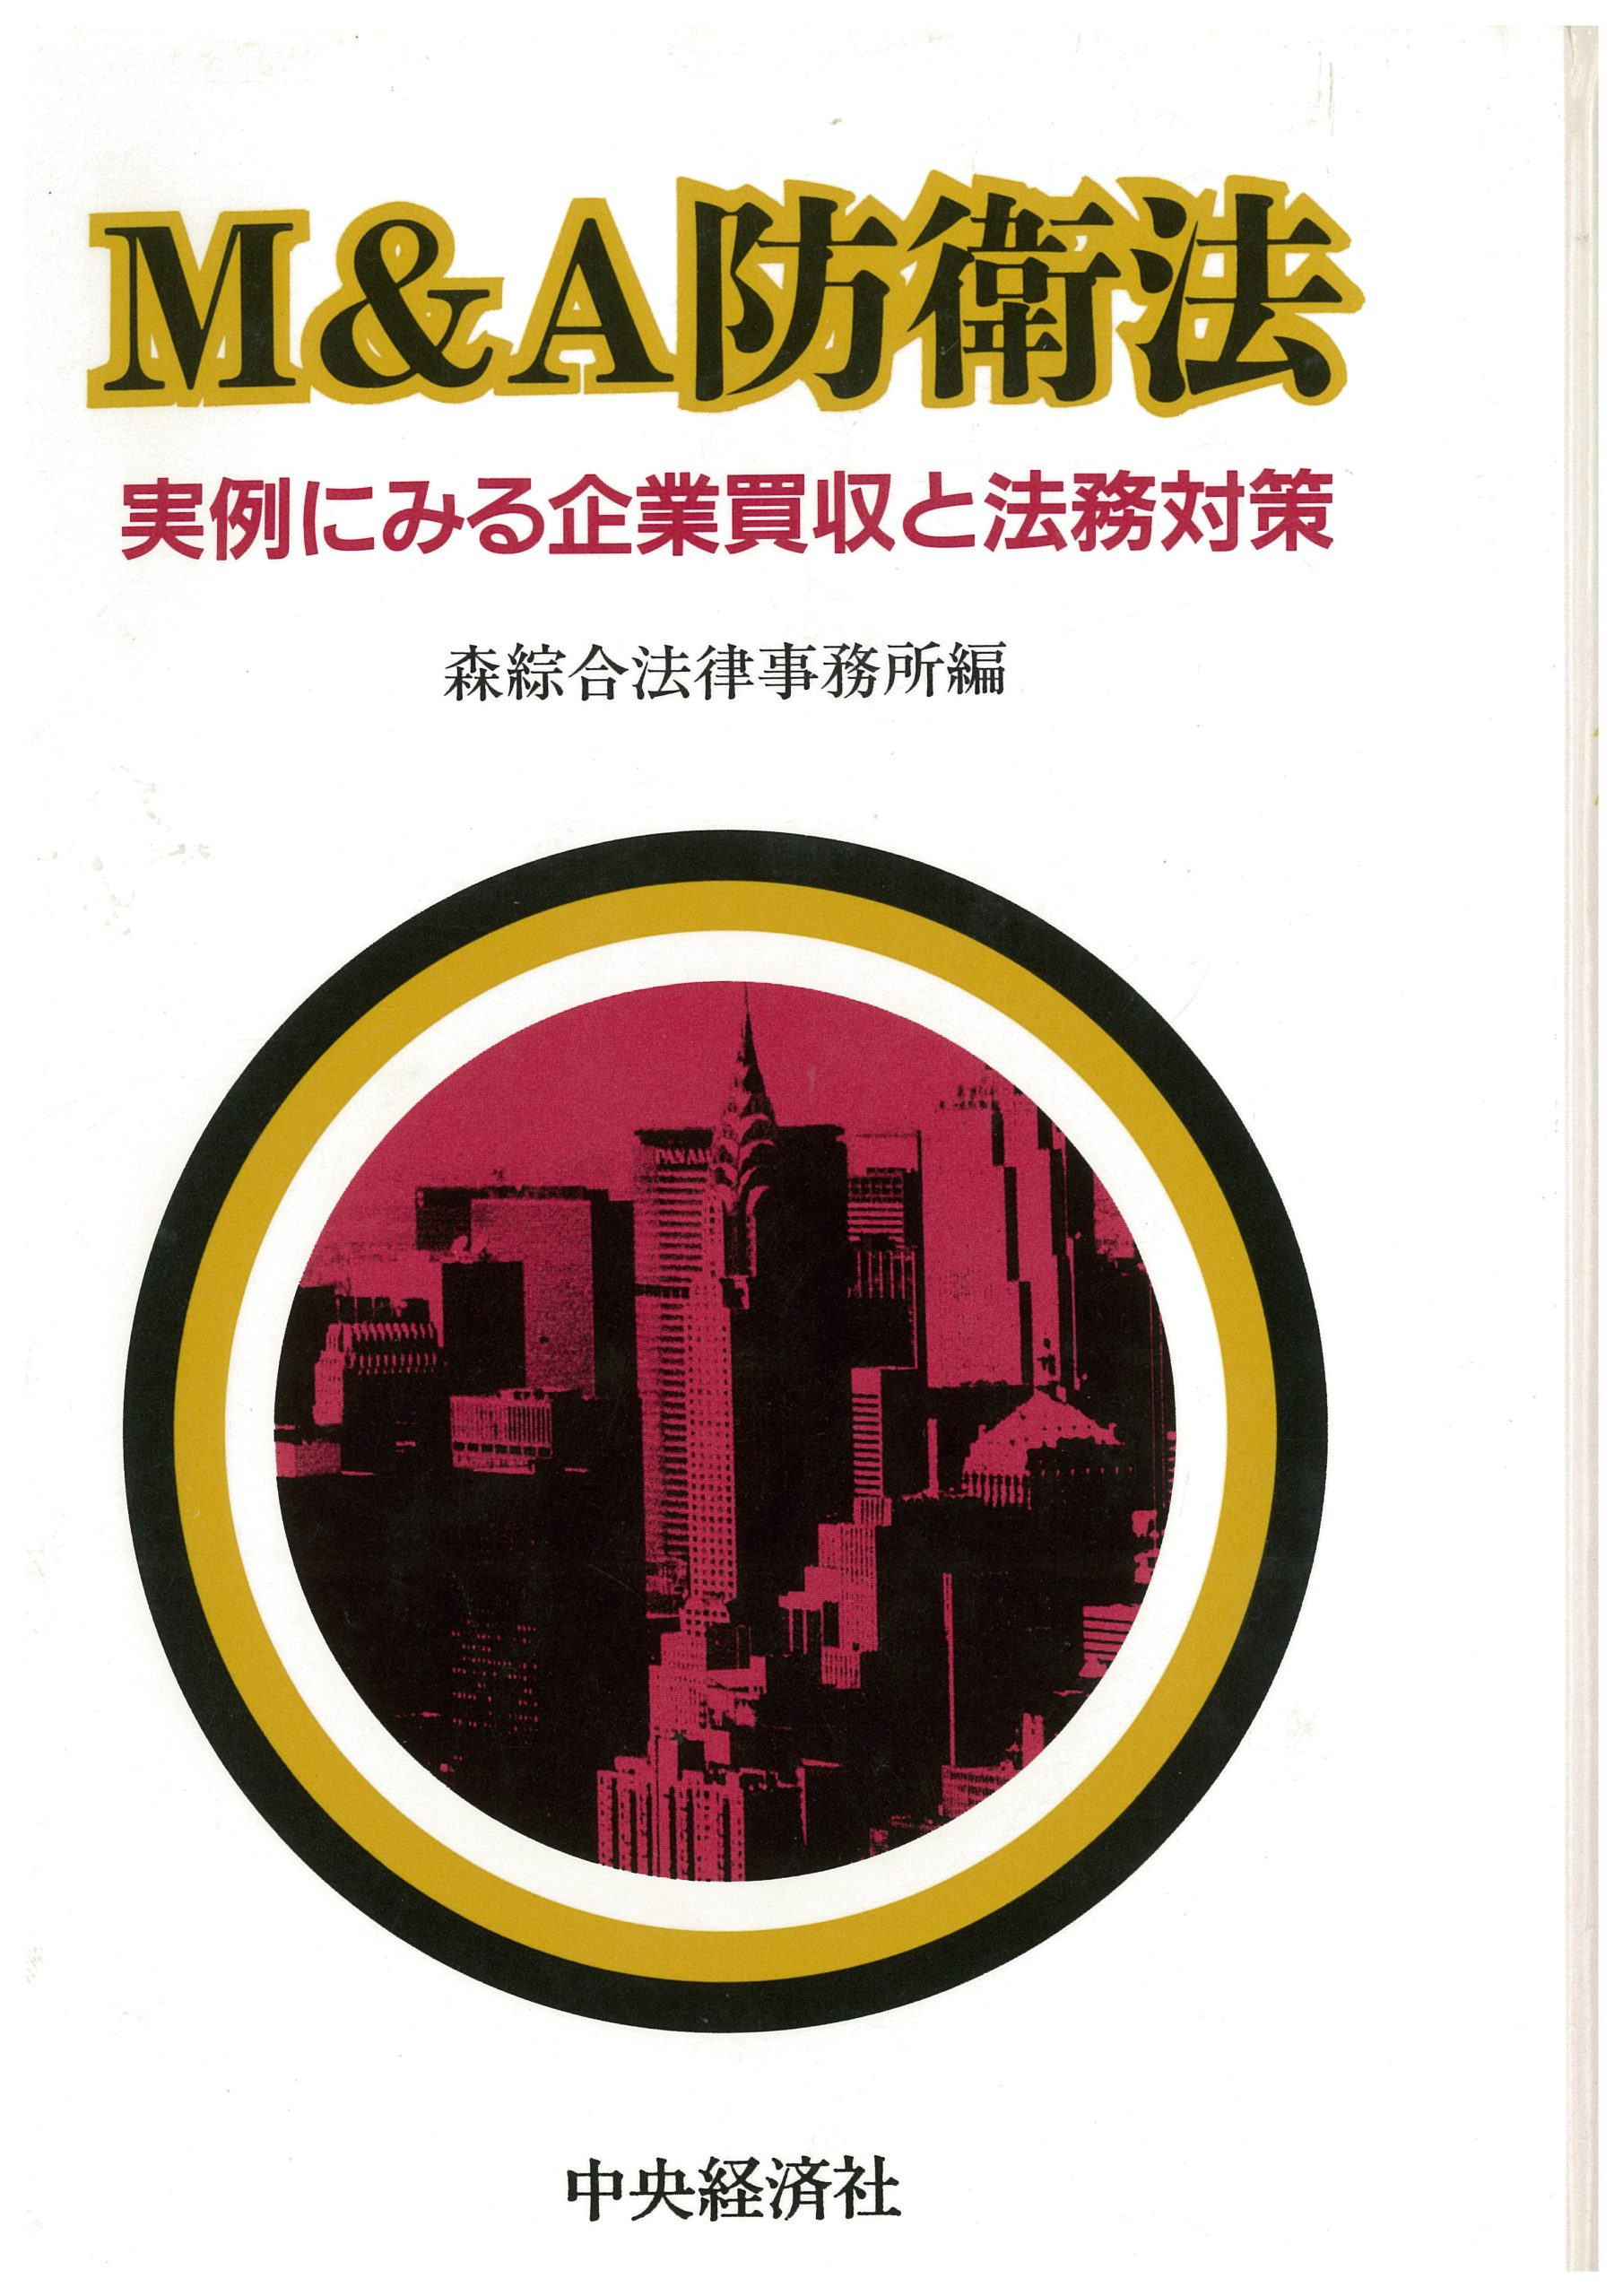 中央経済社   1990年4月